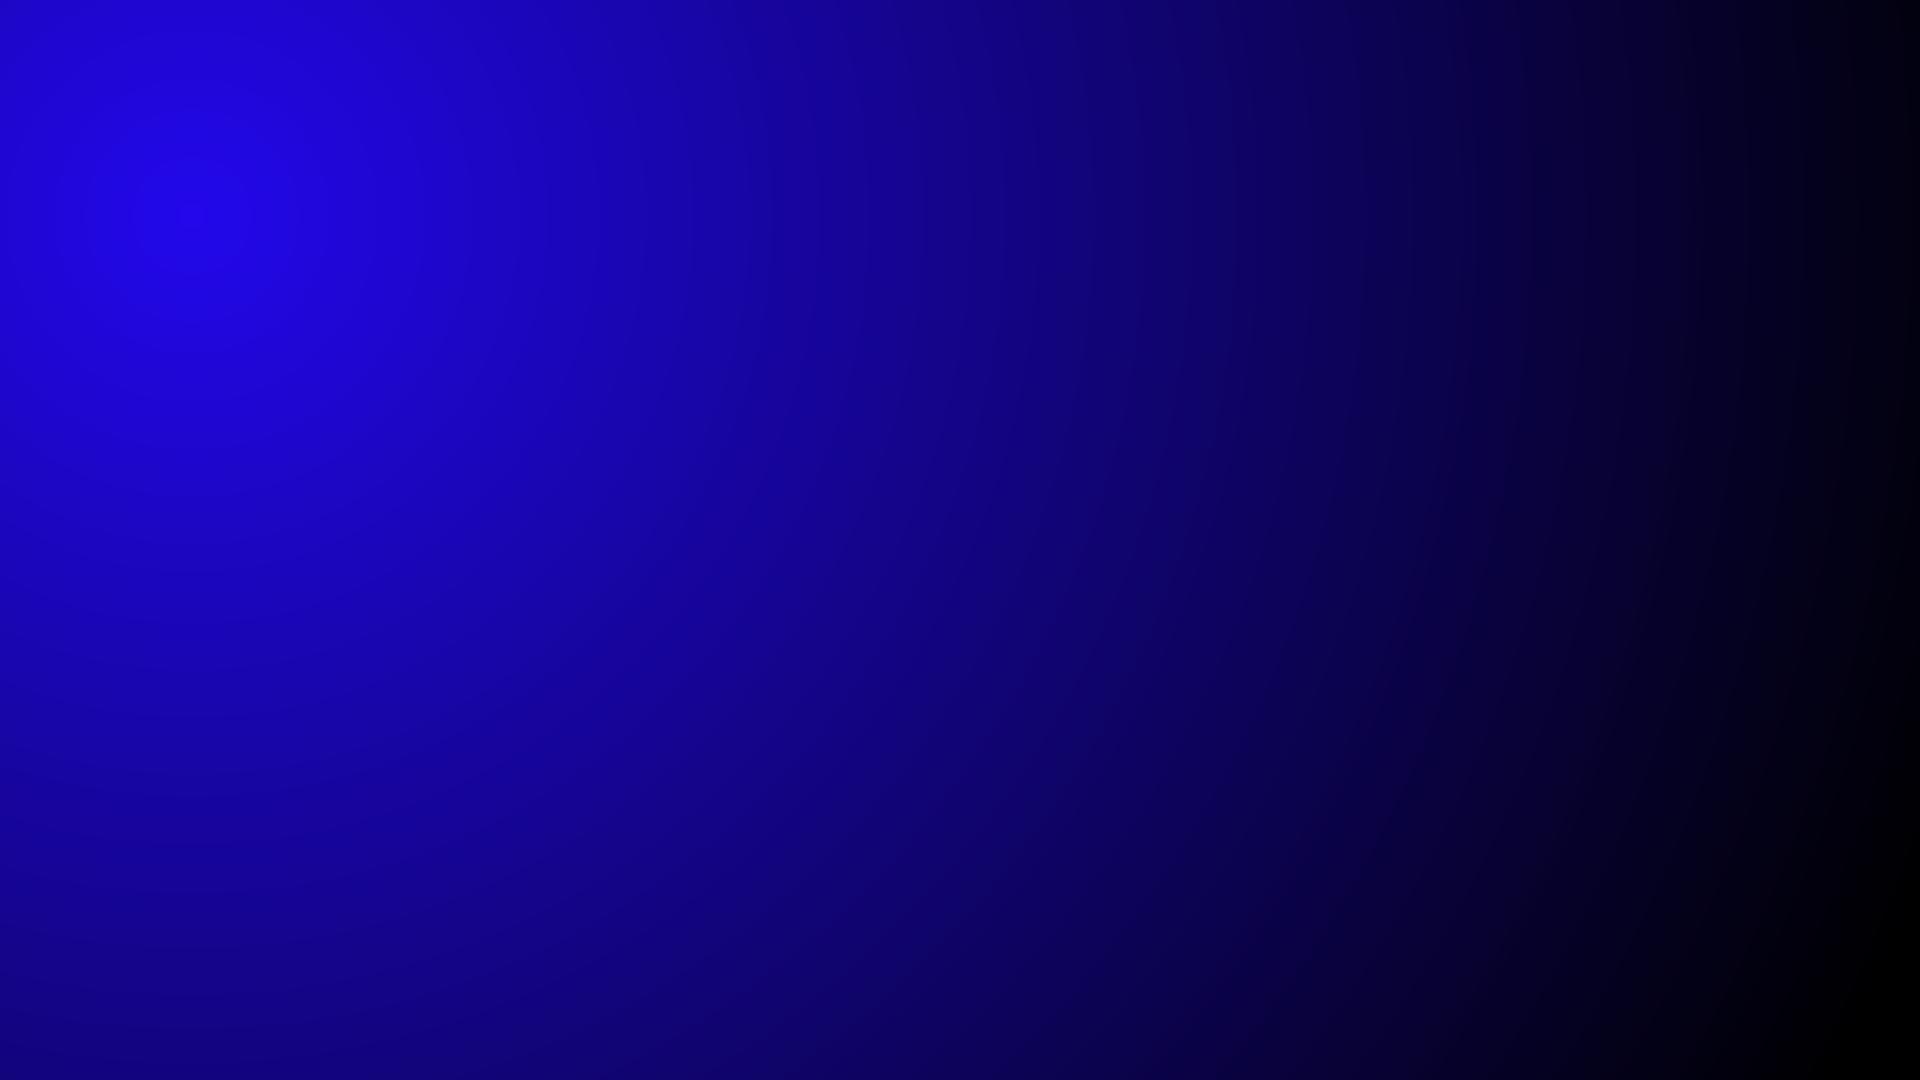 azul Gradient